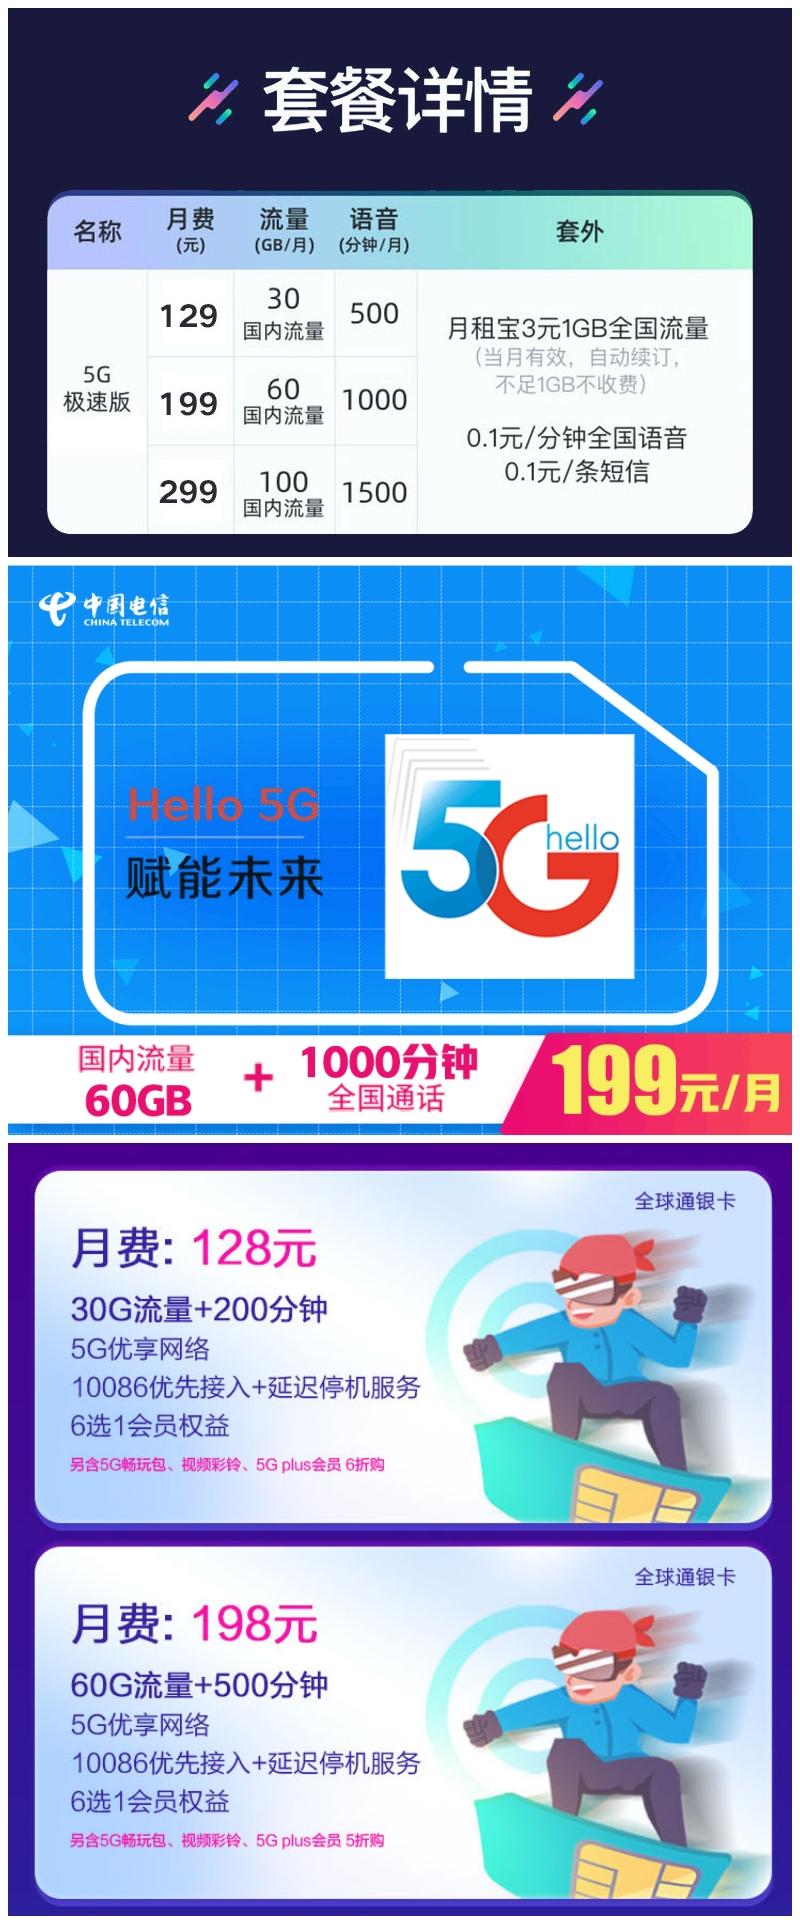 5G 手机越卖越便宜,现在是转向 5G 的好时机吗